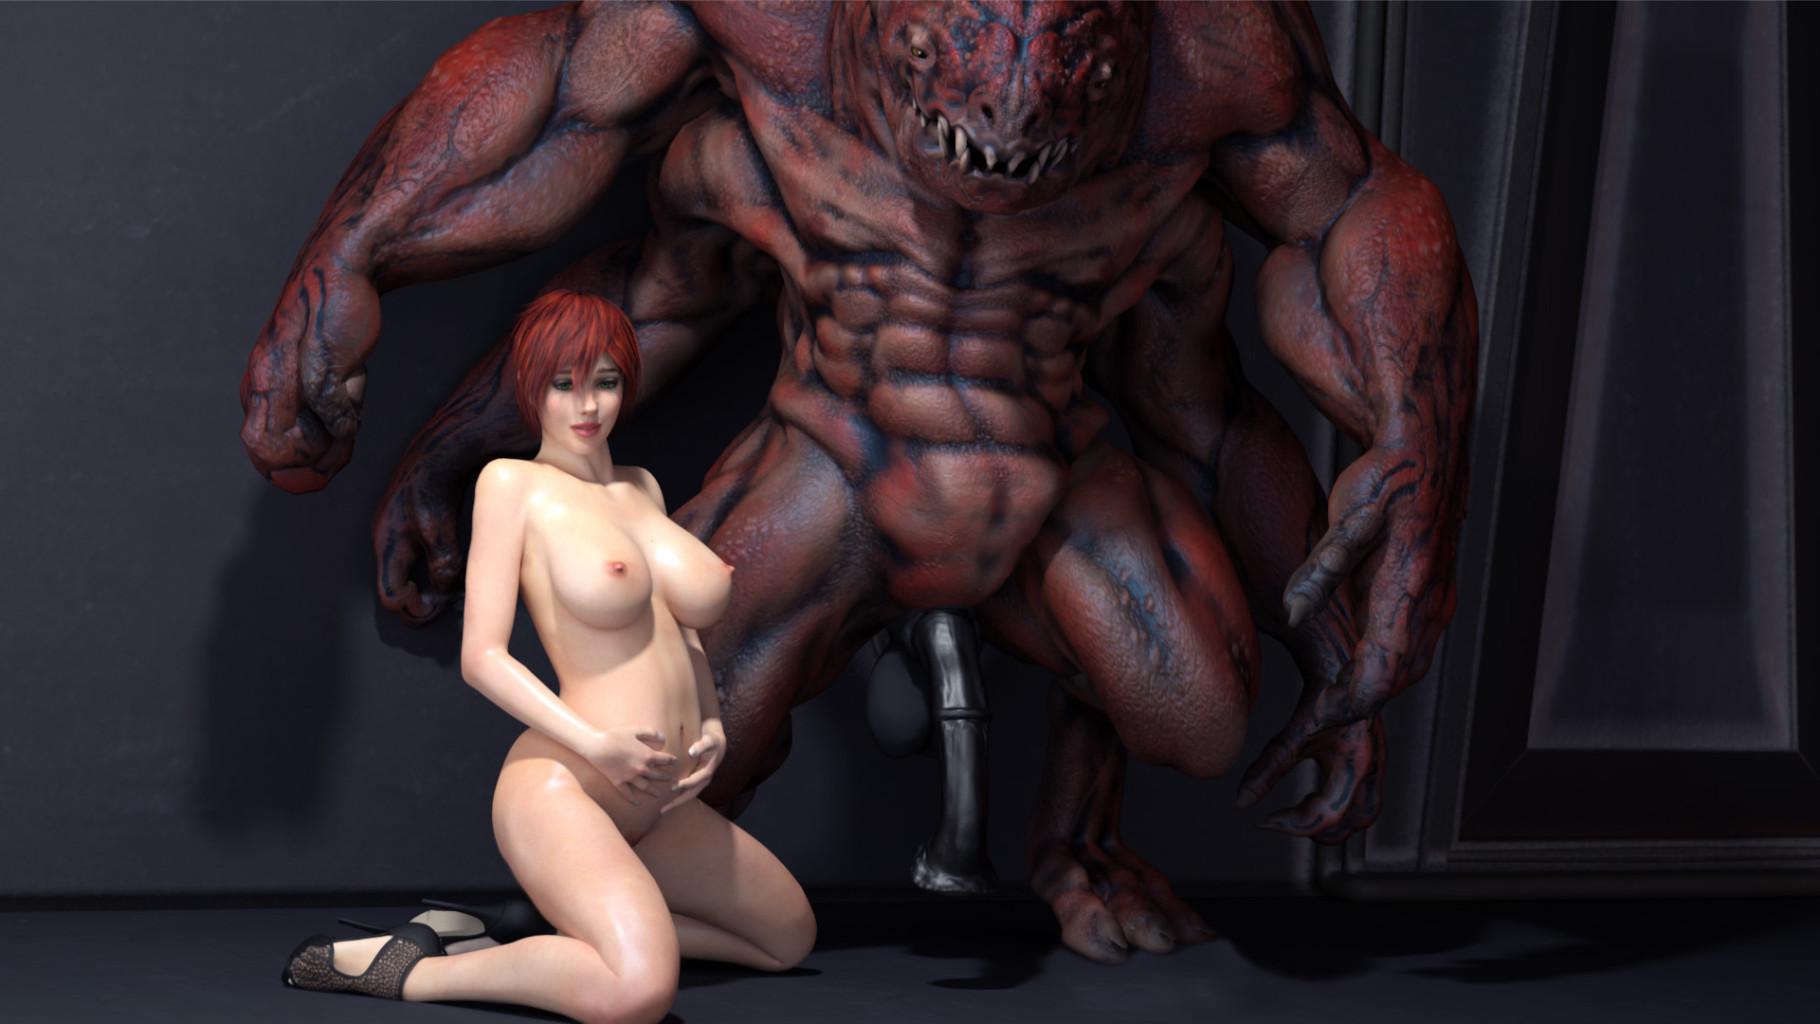 аниме ебут монстры в 3d